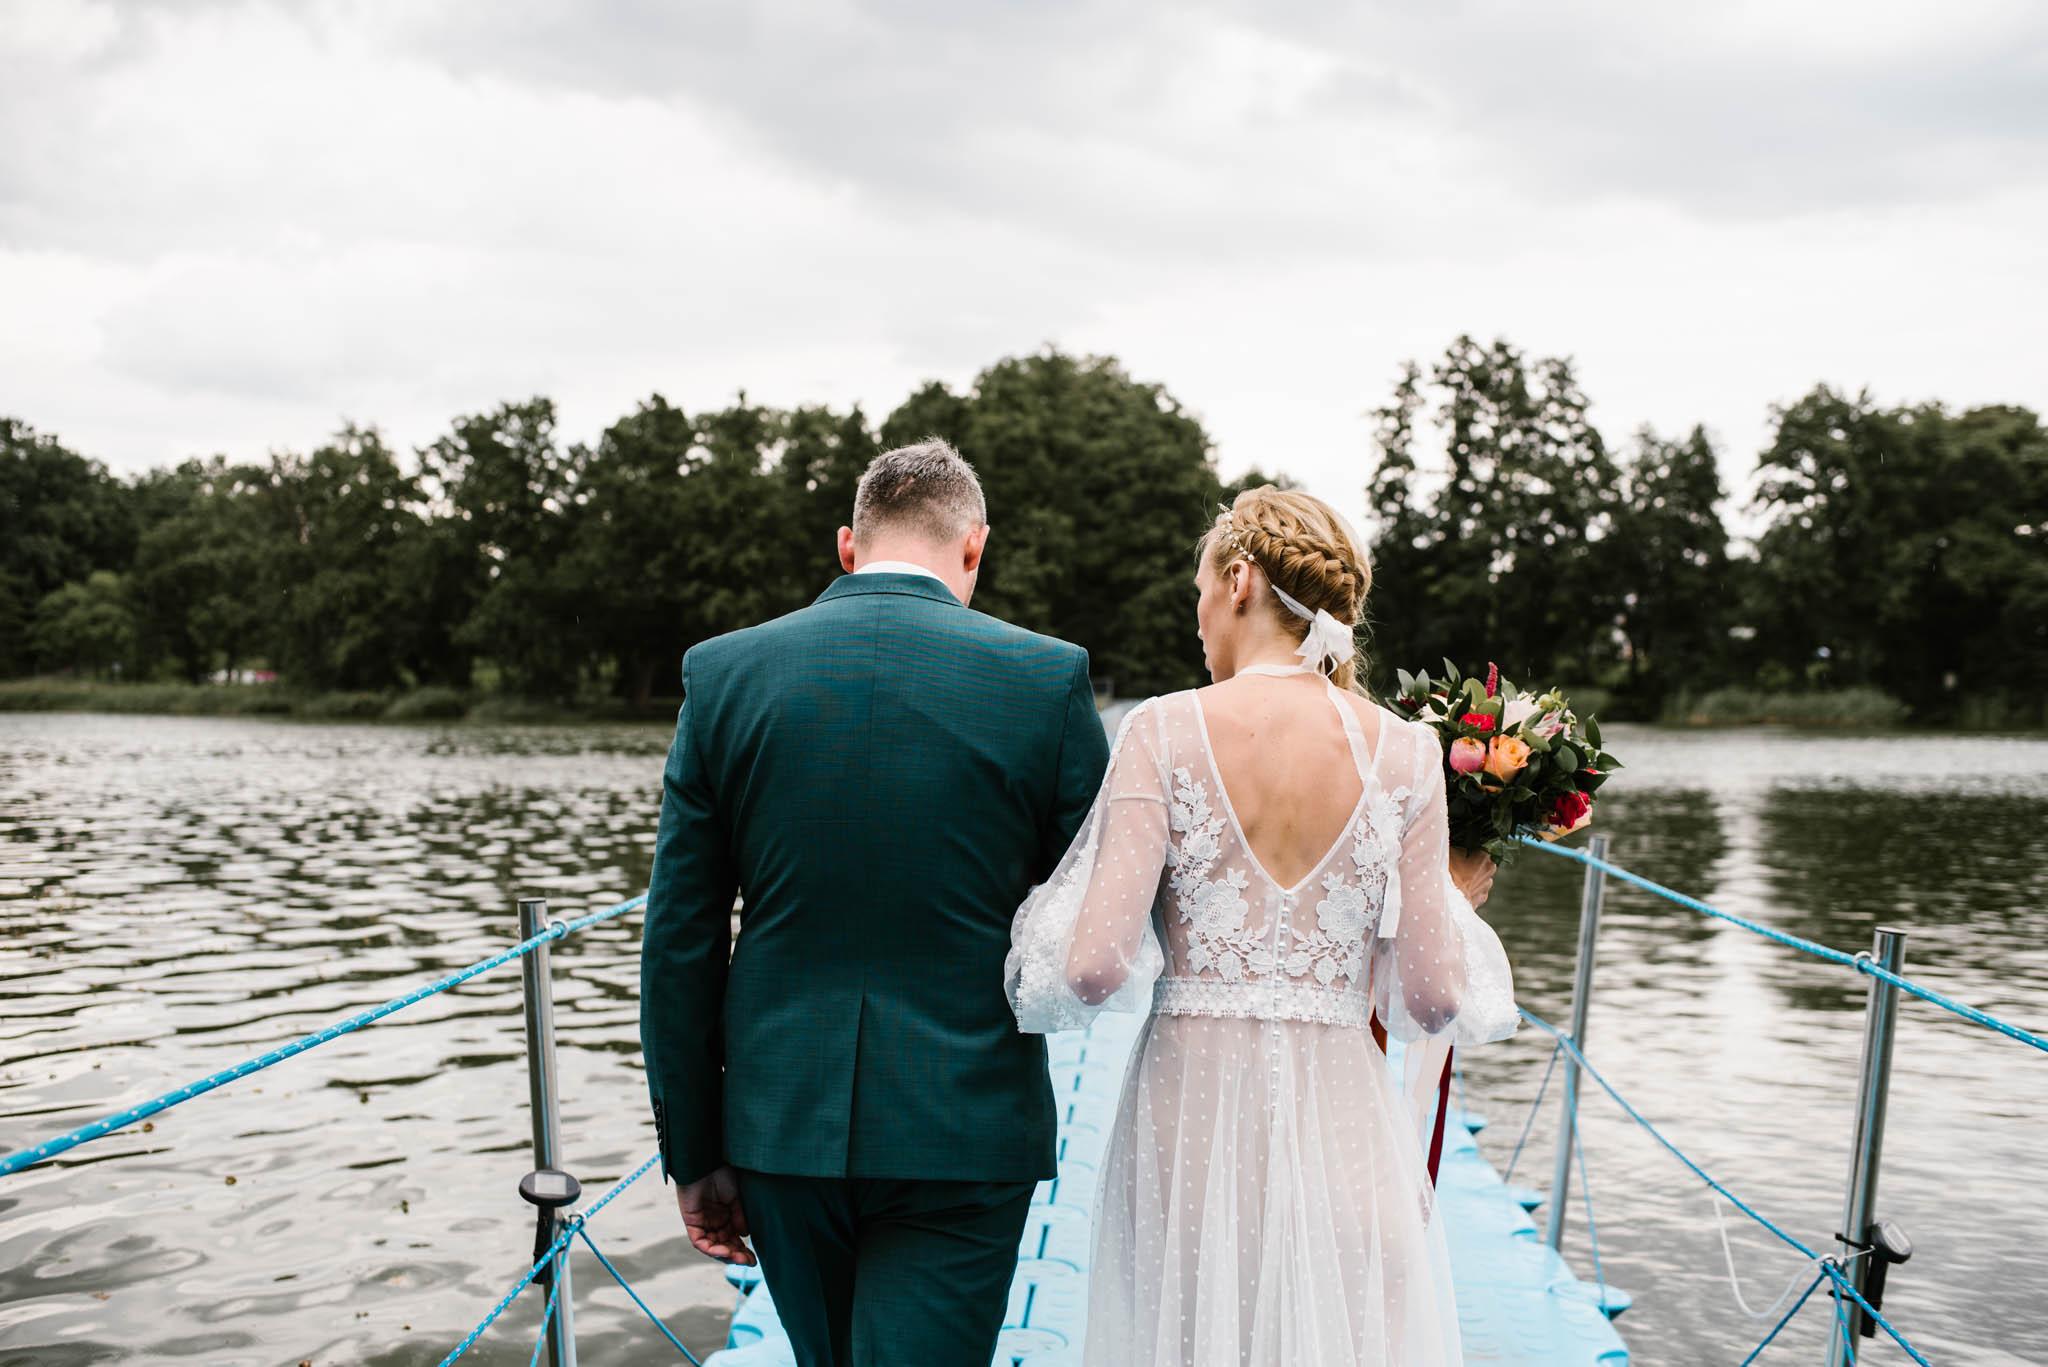 Państwo młodzi idą po pomoście - sesja ślubna na Wyspie Św. Edwarda Zaniemyśl